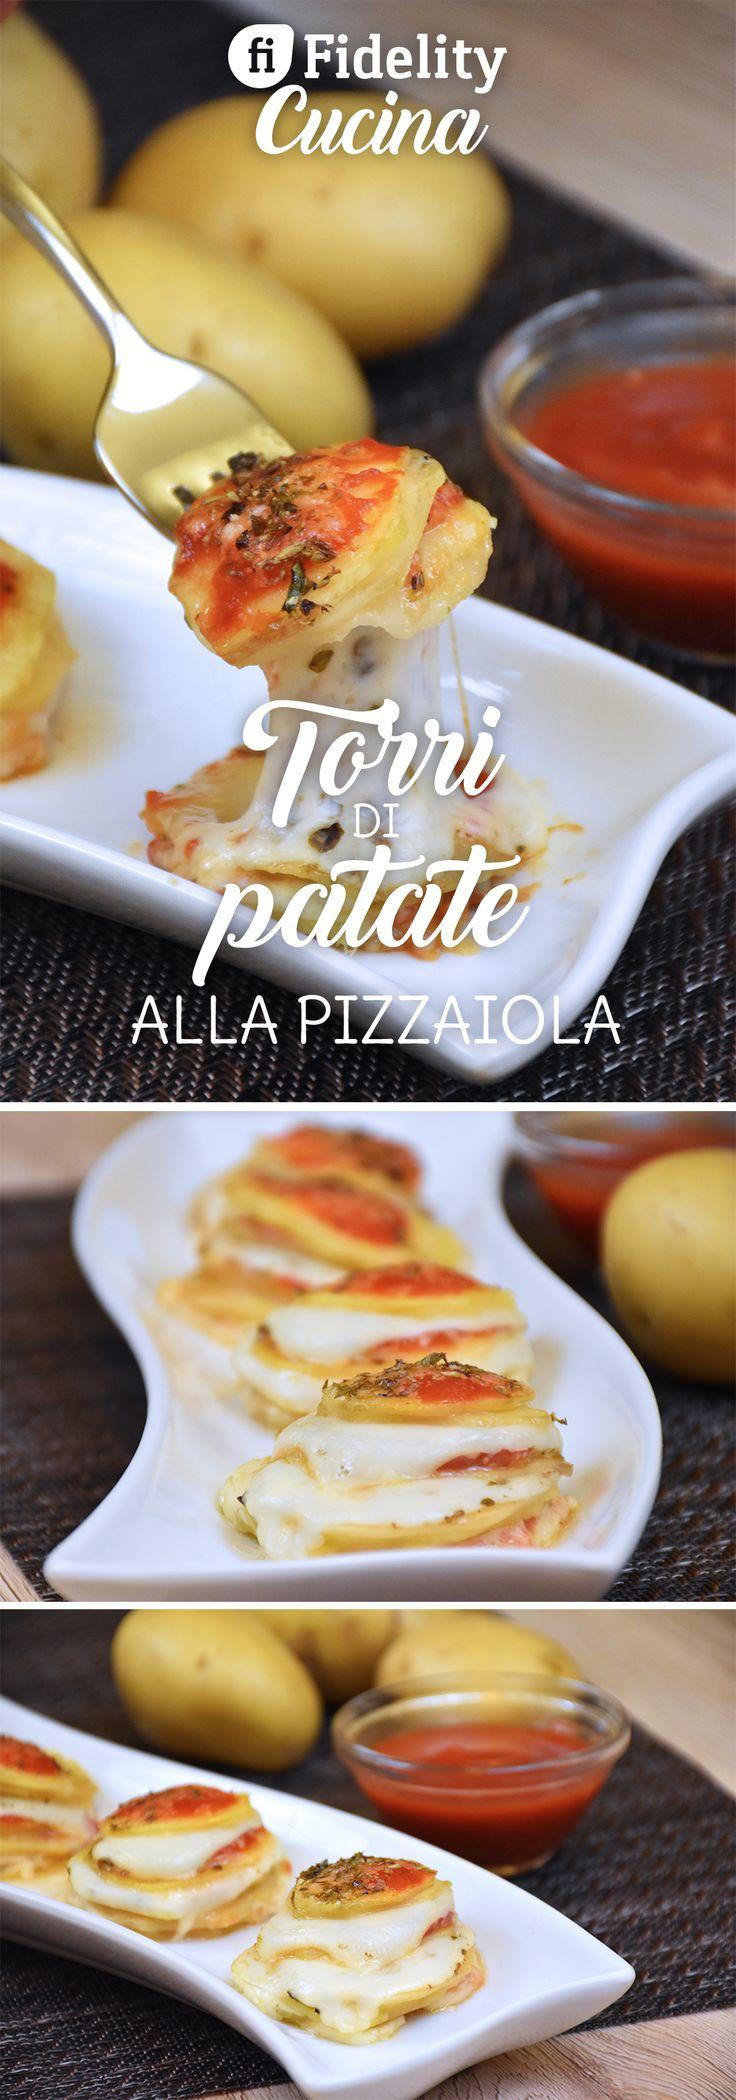 Le torri di patate alla pizzaiola sono un contorno molto sfizioso e particolare, che si prepara in poco tempo ma che piacerà davvero a tutti. Ecco la videoricetta